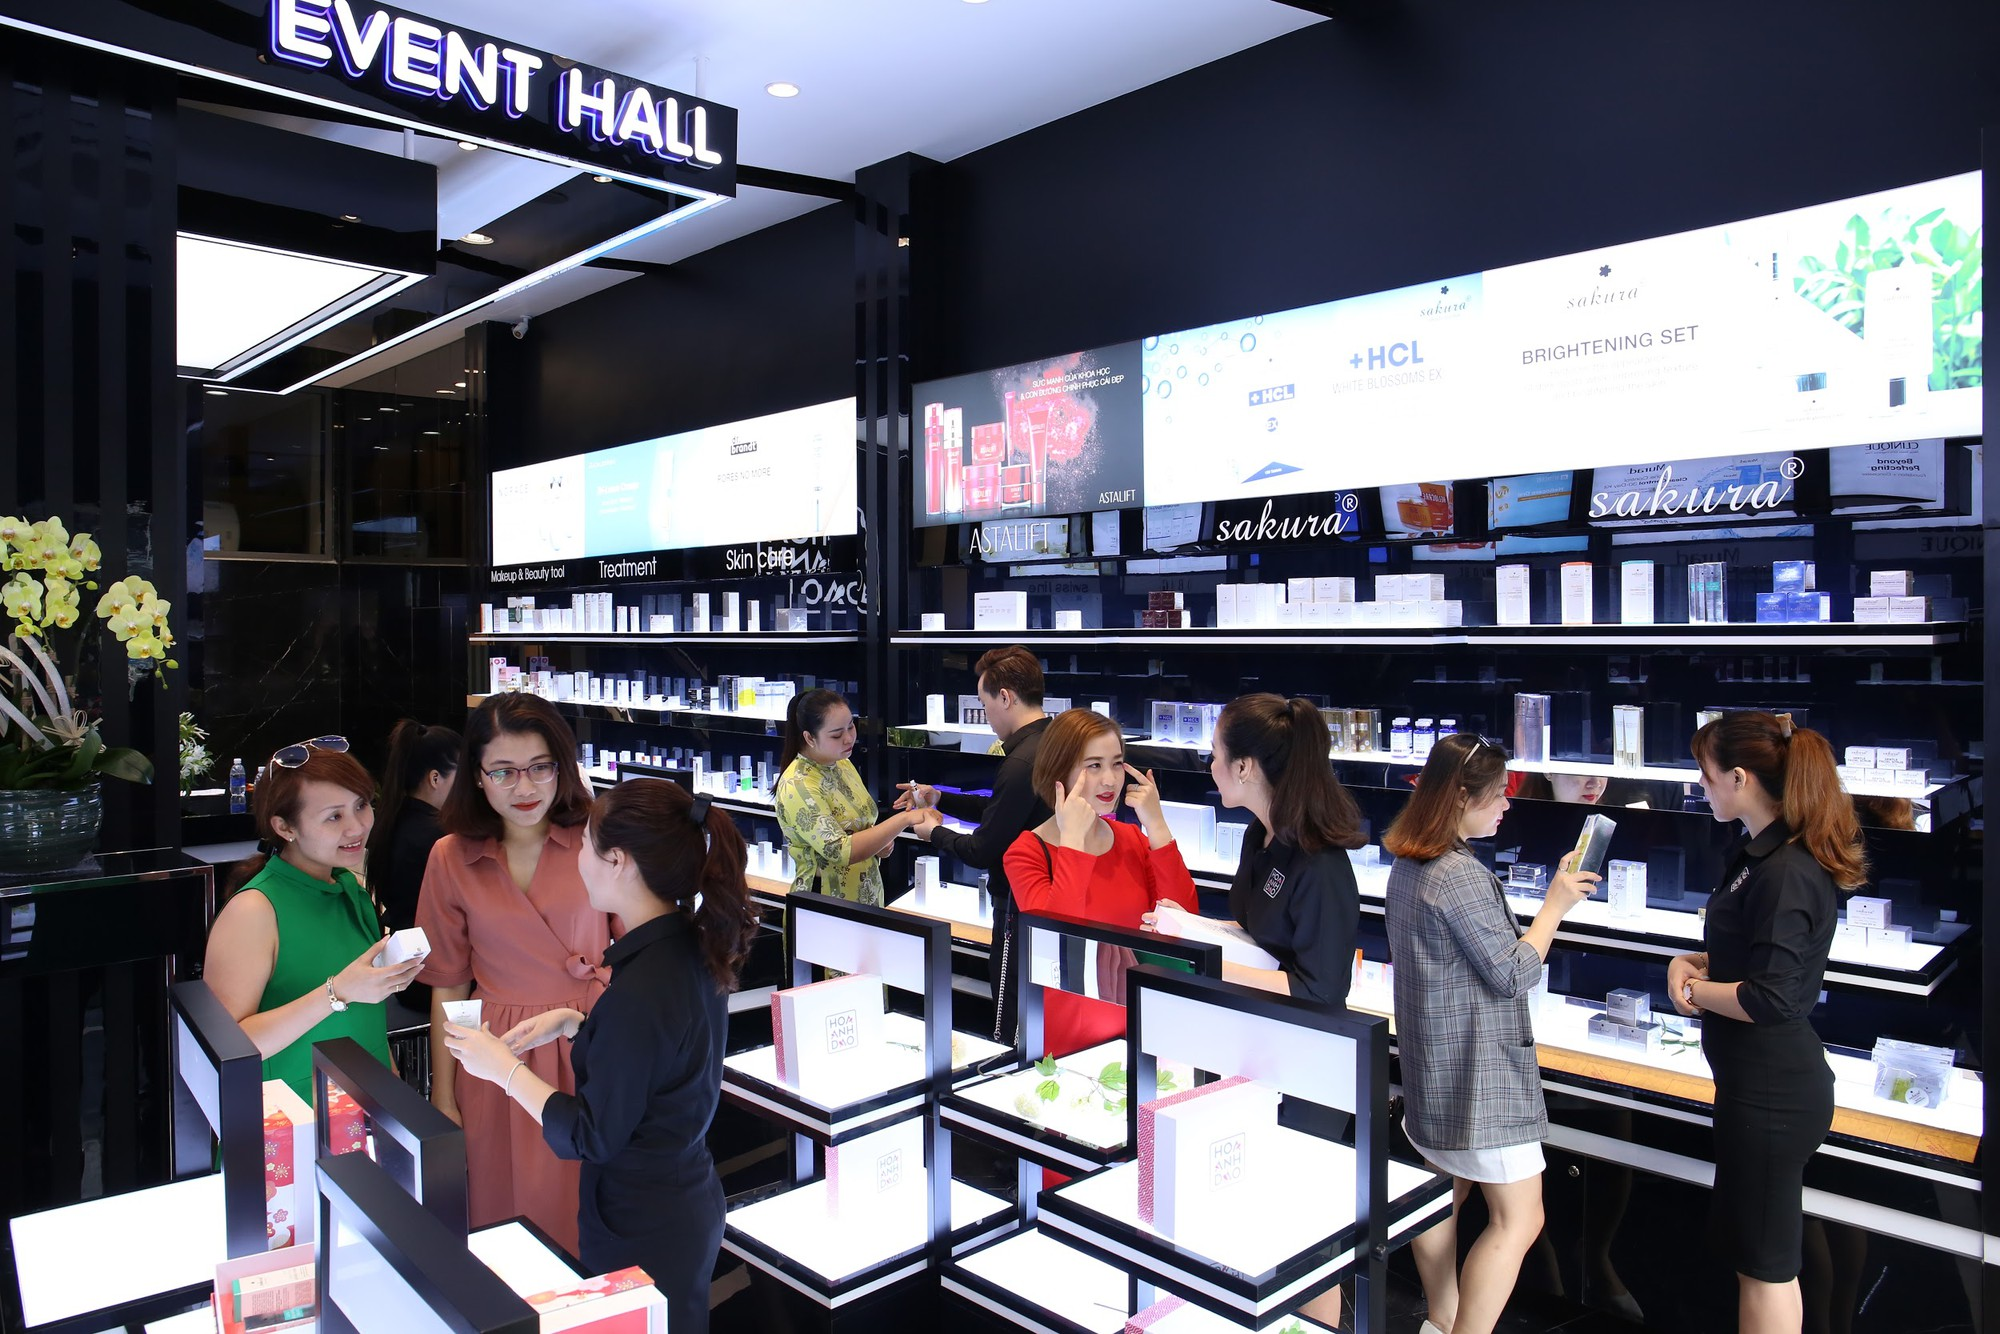 Hoa Anh Đào khai trương cửa hàng mỹ phẩm tại đường Hai Bà Trưng - Ảnh 4.